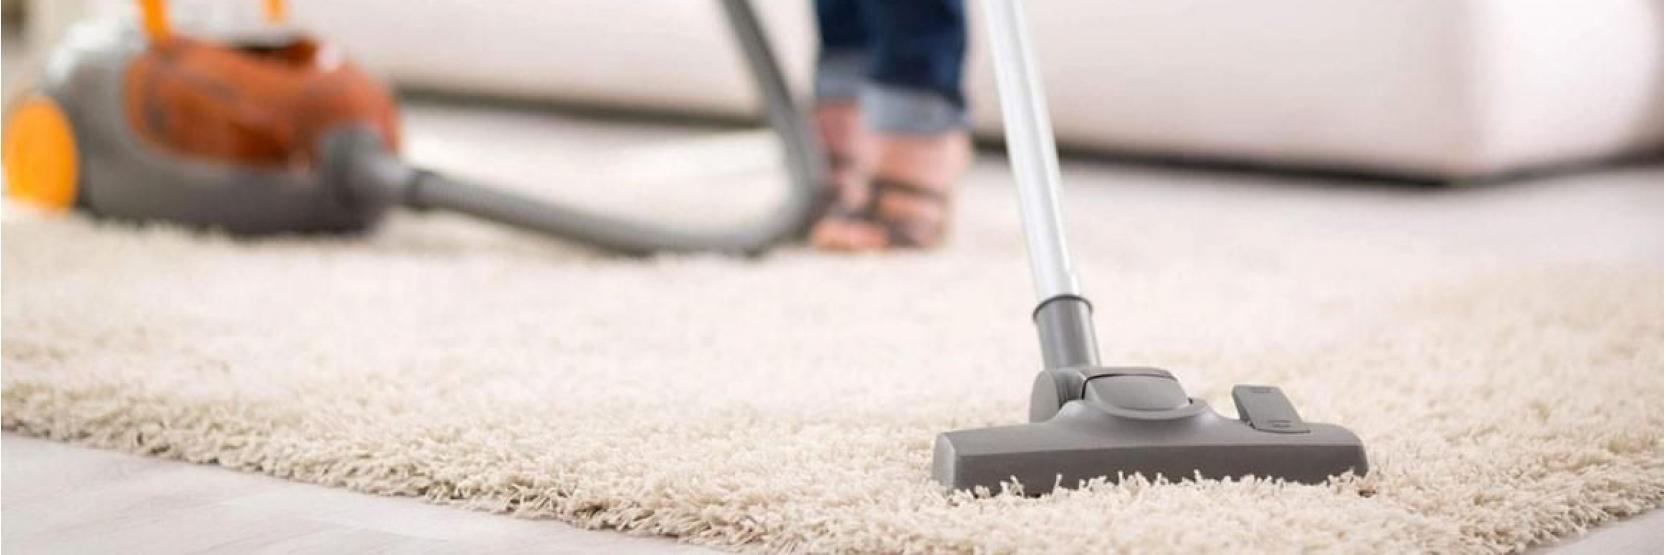 أفضل حلول تنظيف السجاد بالمنزل